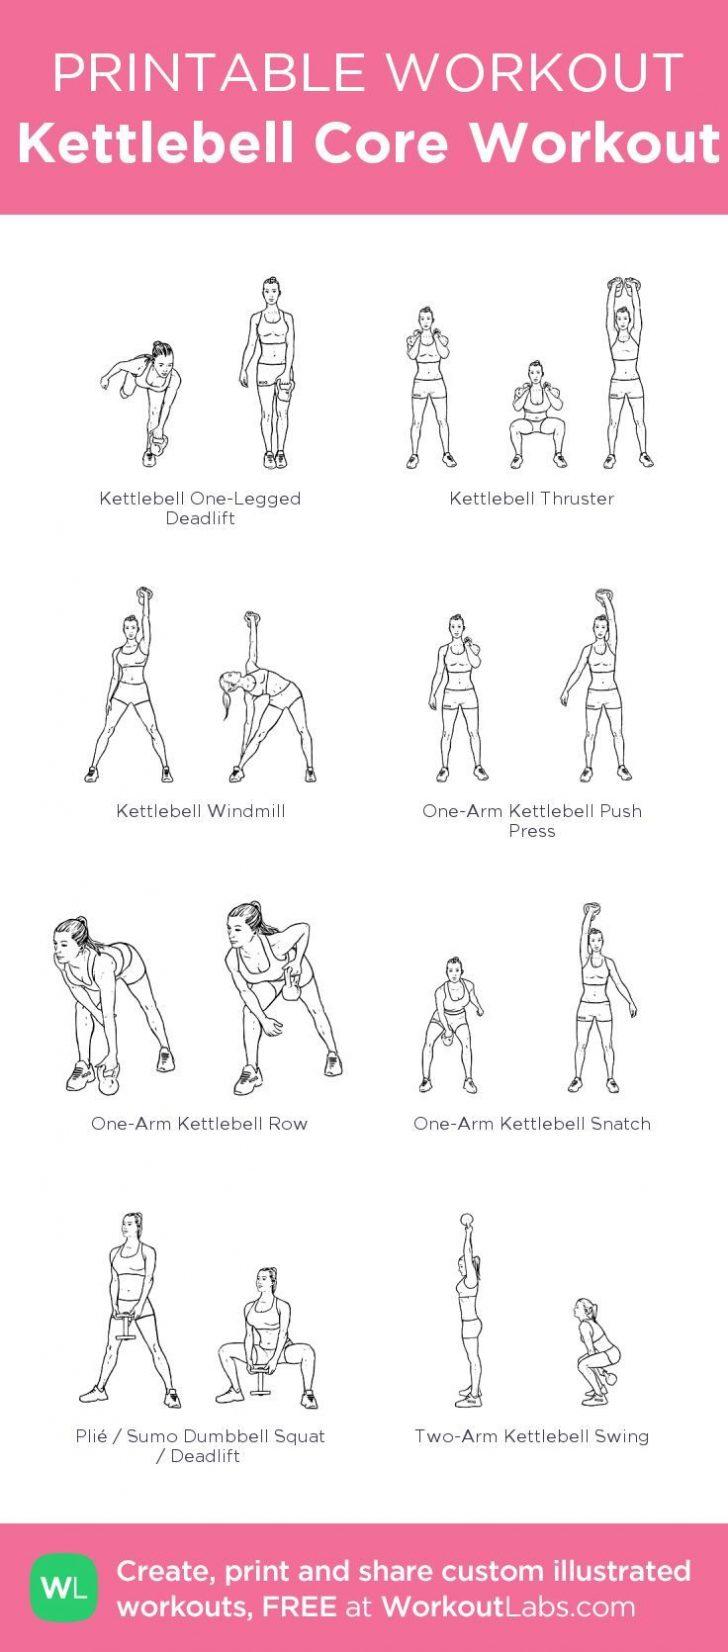 Free Printable Workout Routines